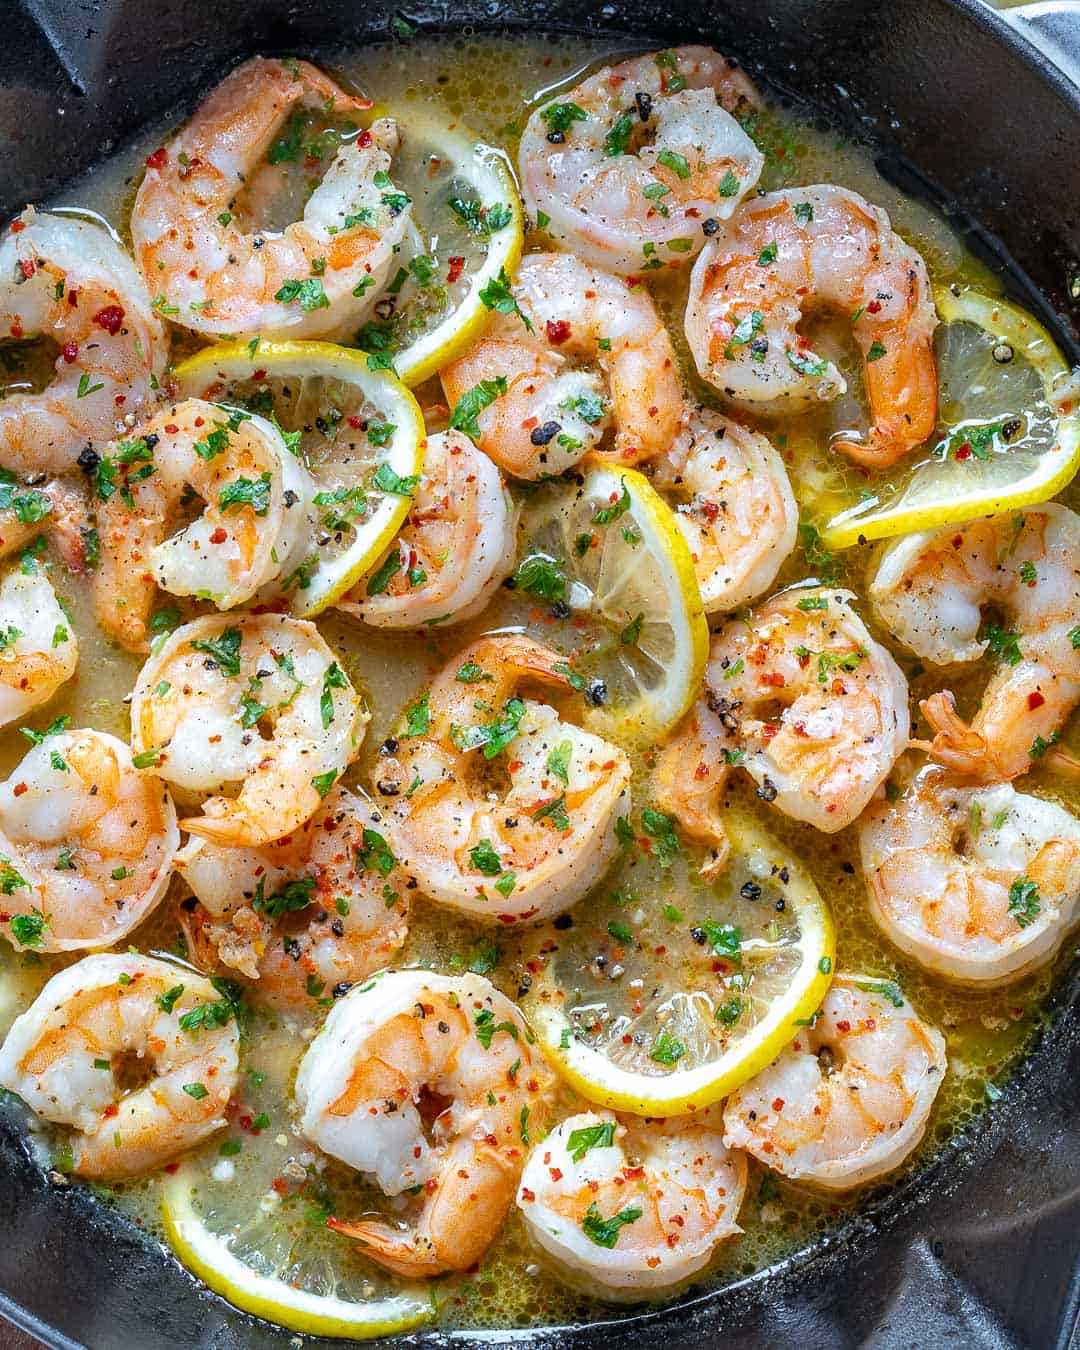 close up view of sautéed lemon shrimp